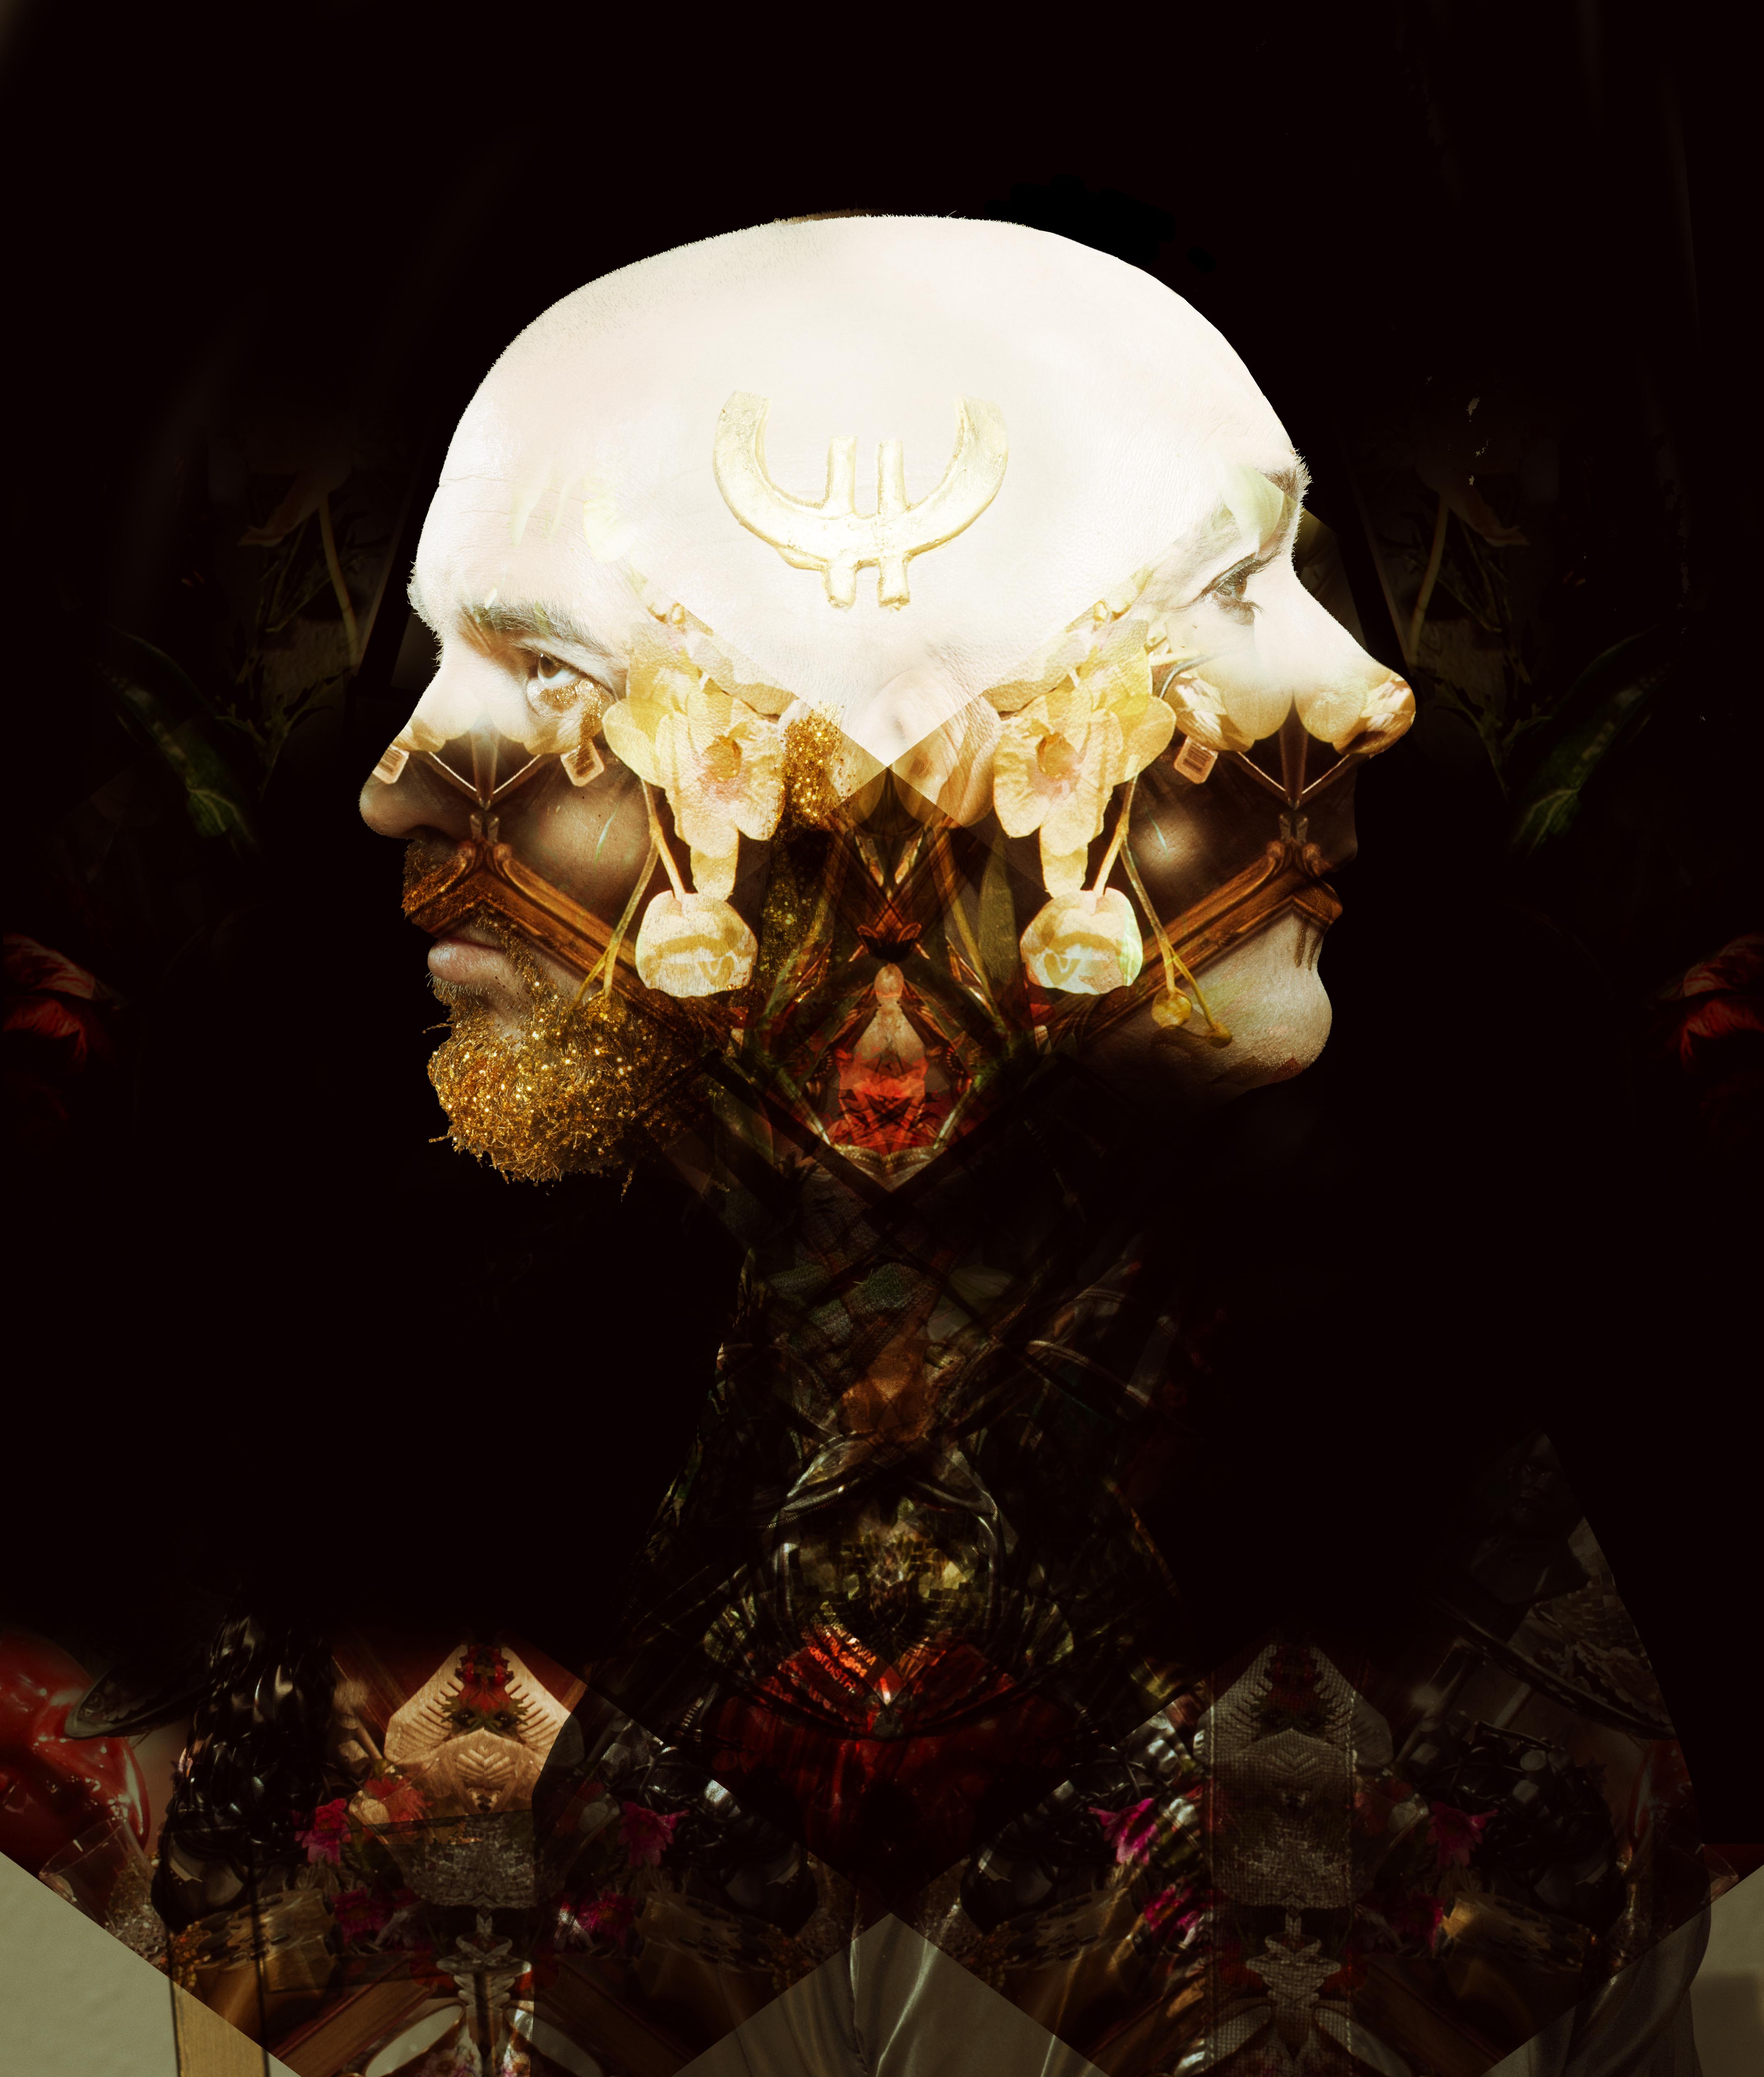 Photos:Meike Willner (meikewillner.de) Retouching: Tijuana Gold Studios (tijuanagoldstudios.com)